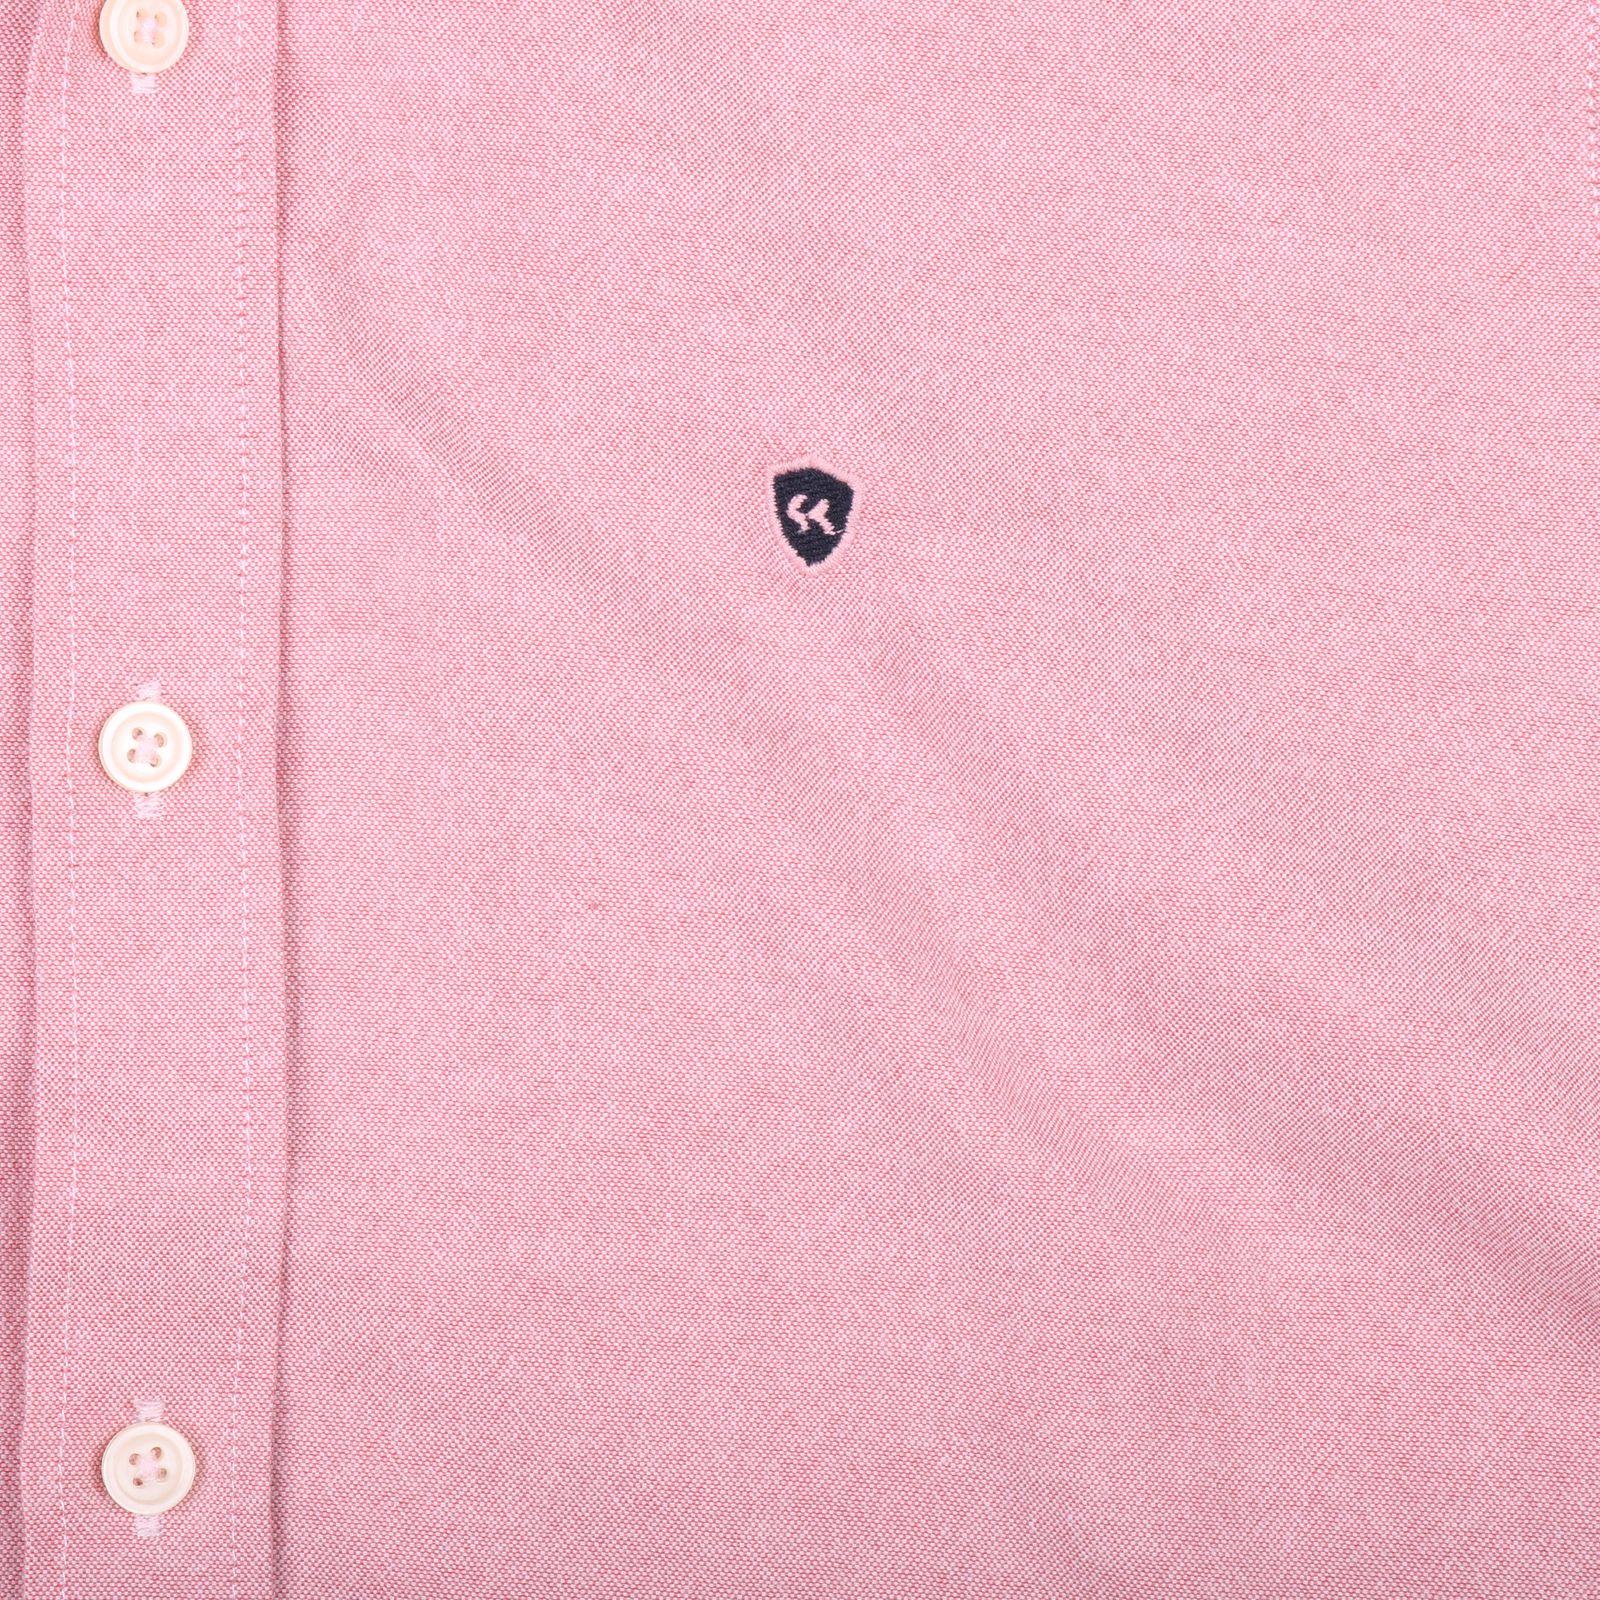 پیراهن مردانه کوک تریکو مدل 61728 -  - 6